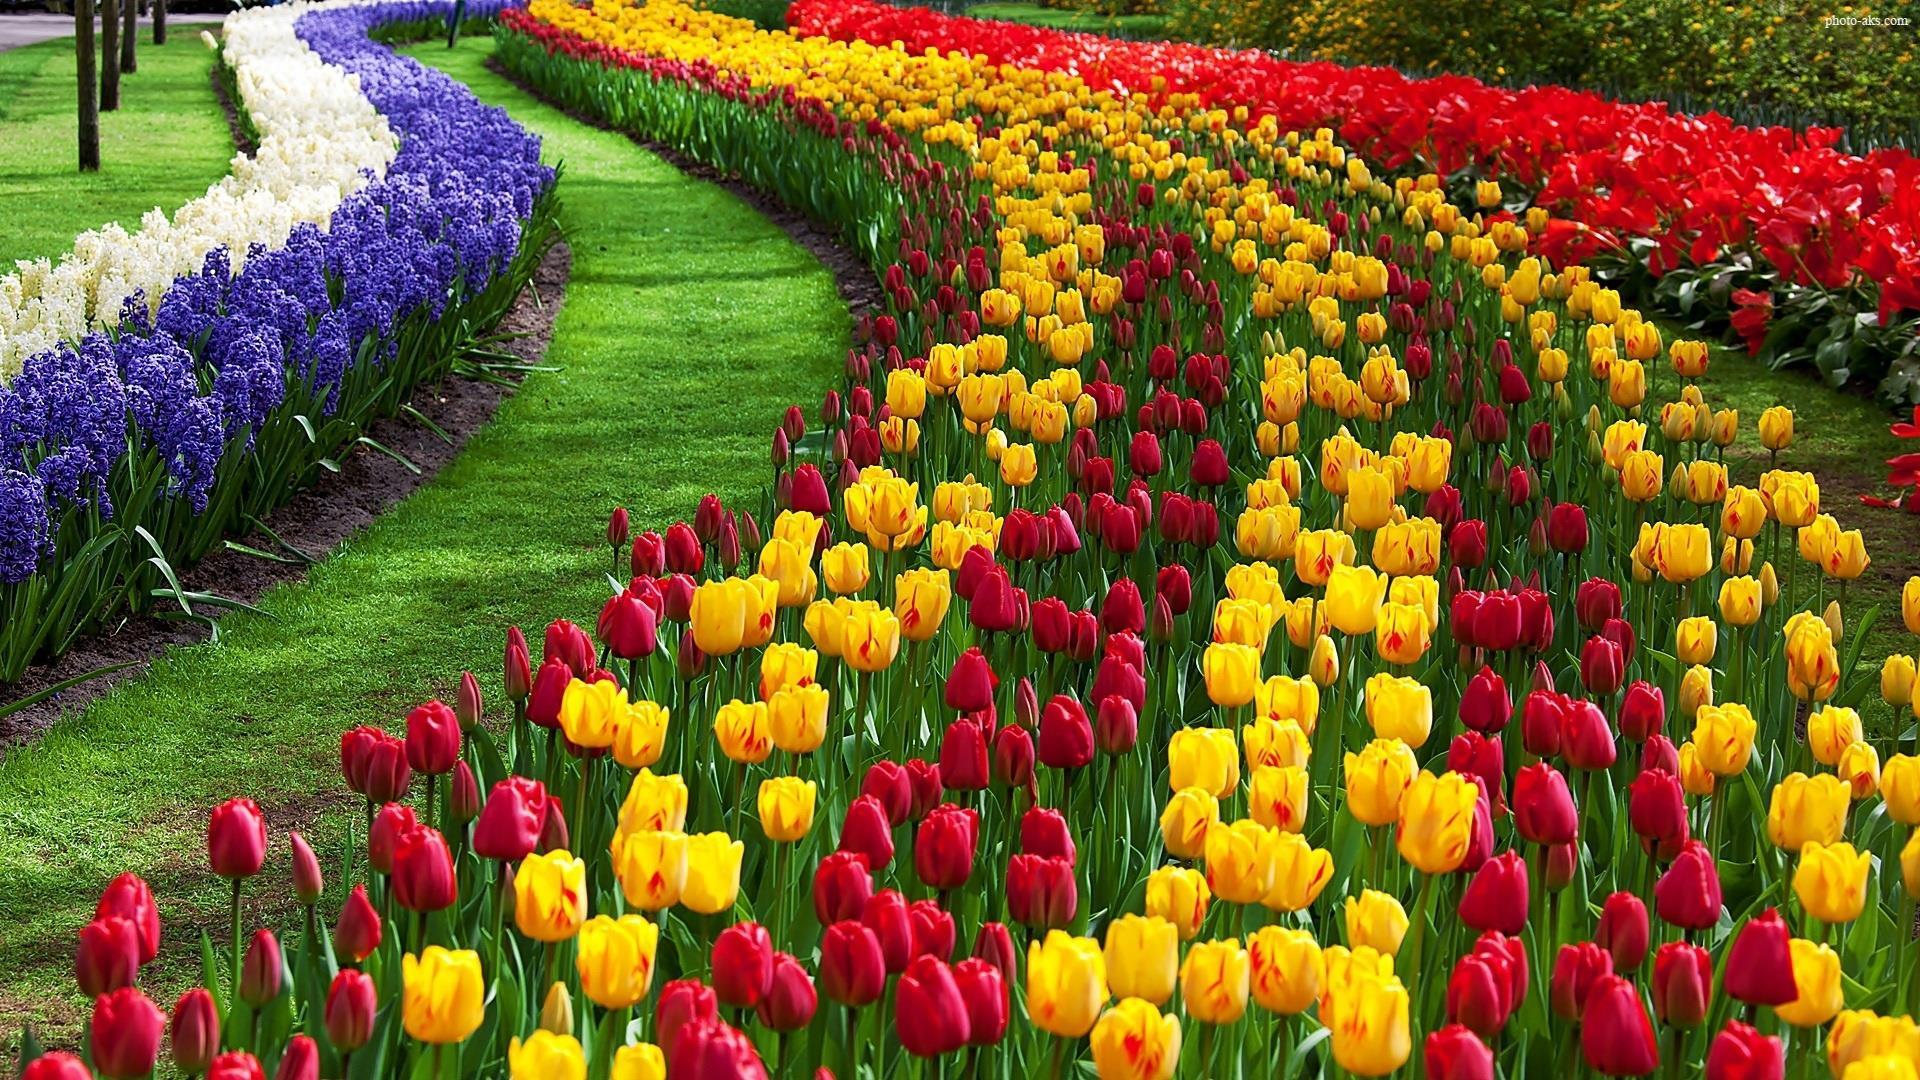 نمایشگاه گل و گیاه اسن